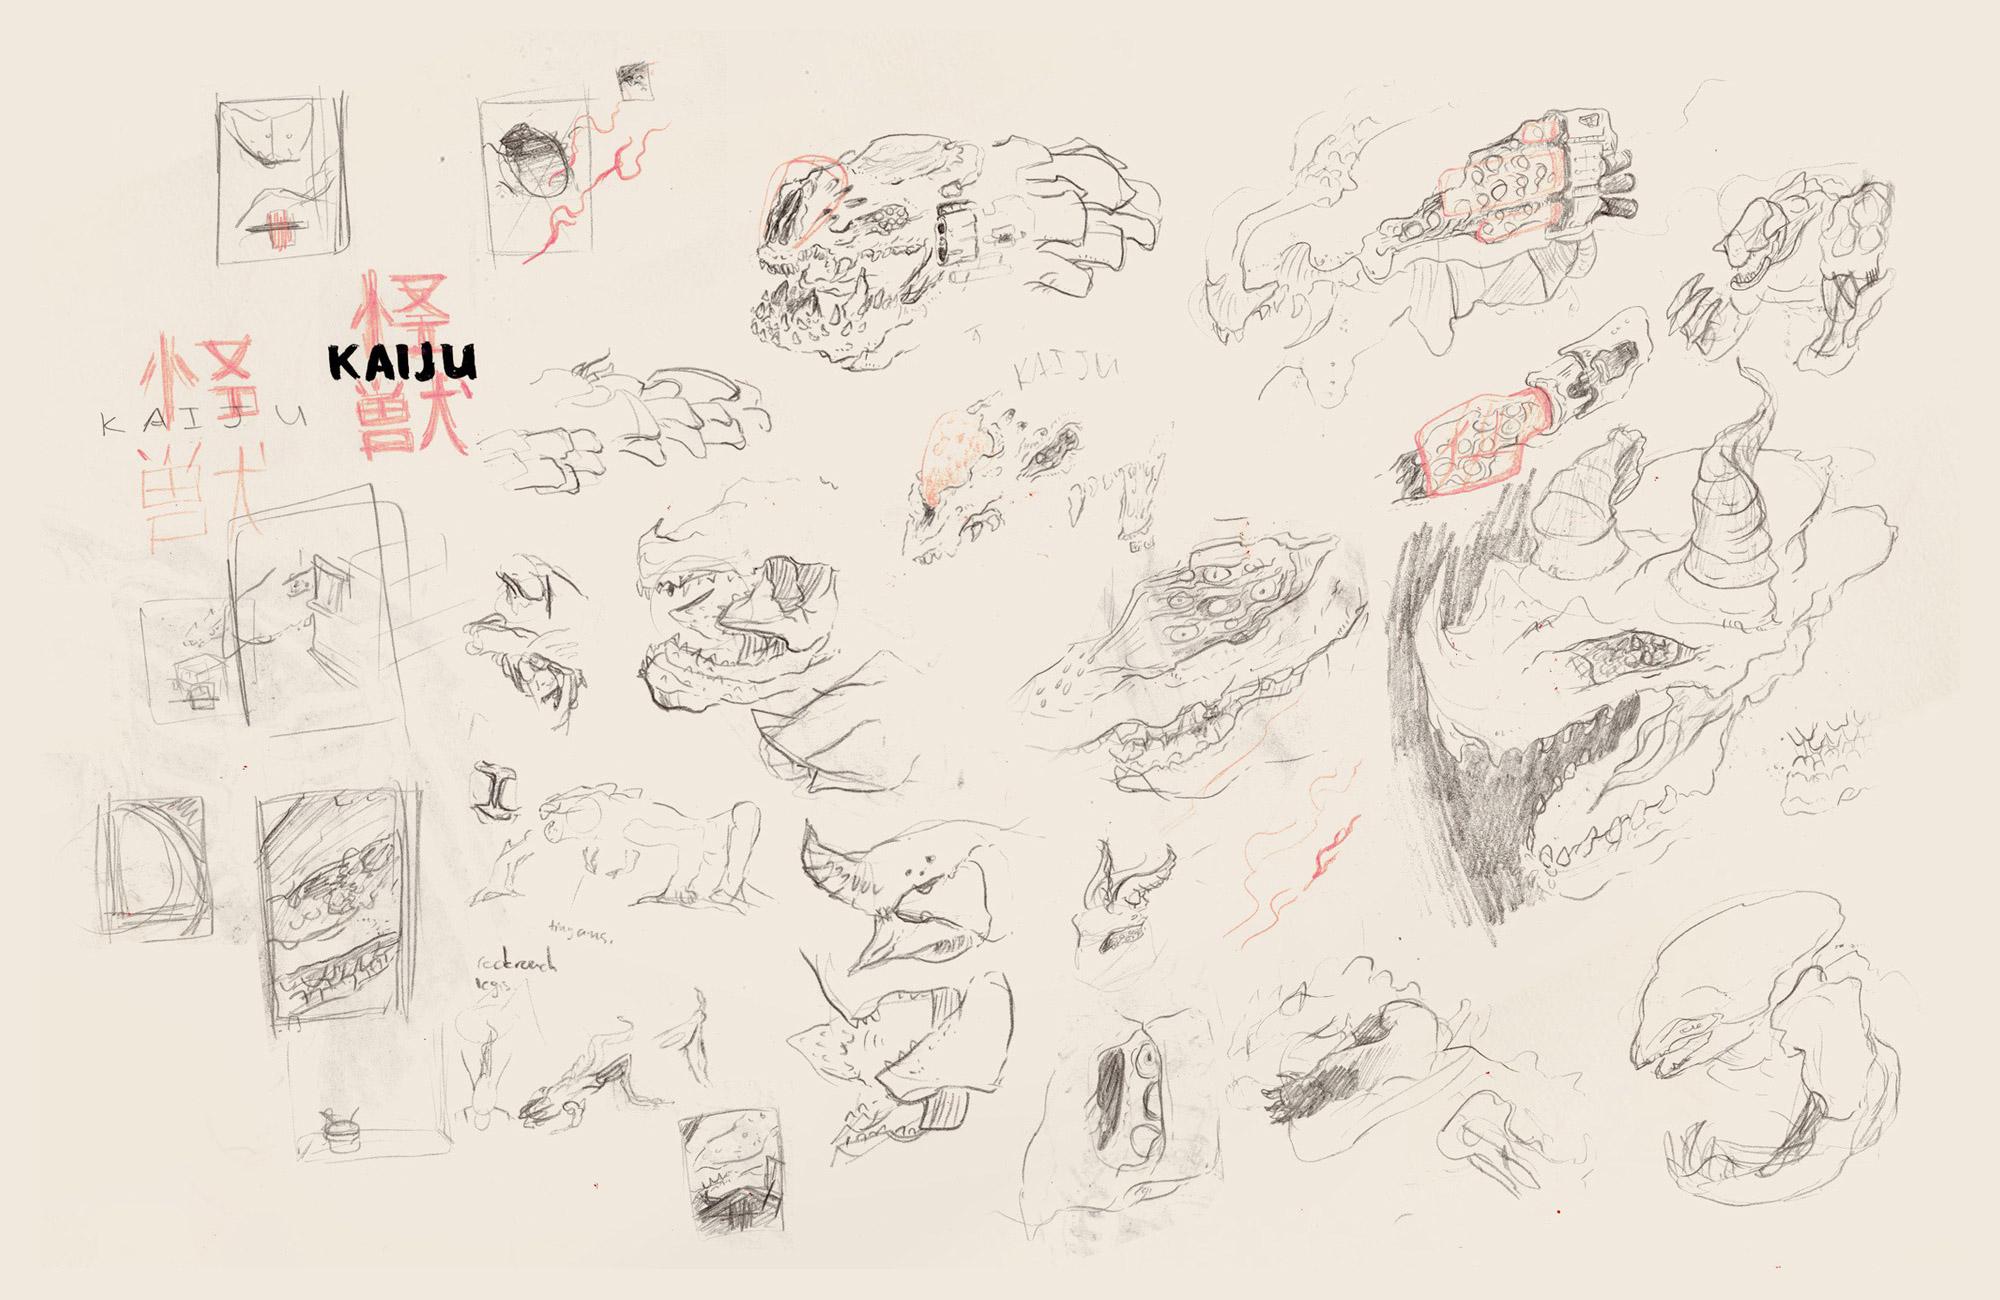 kaiju_sketch_01_2000